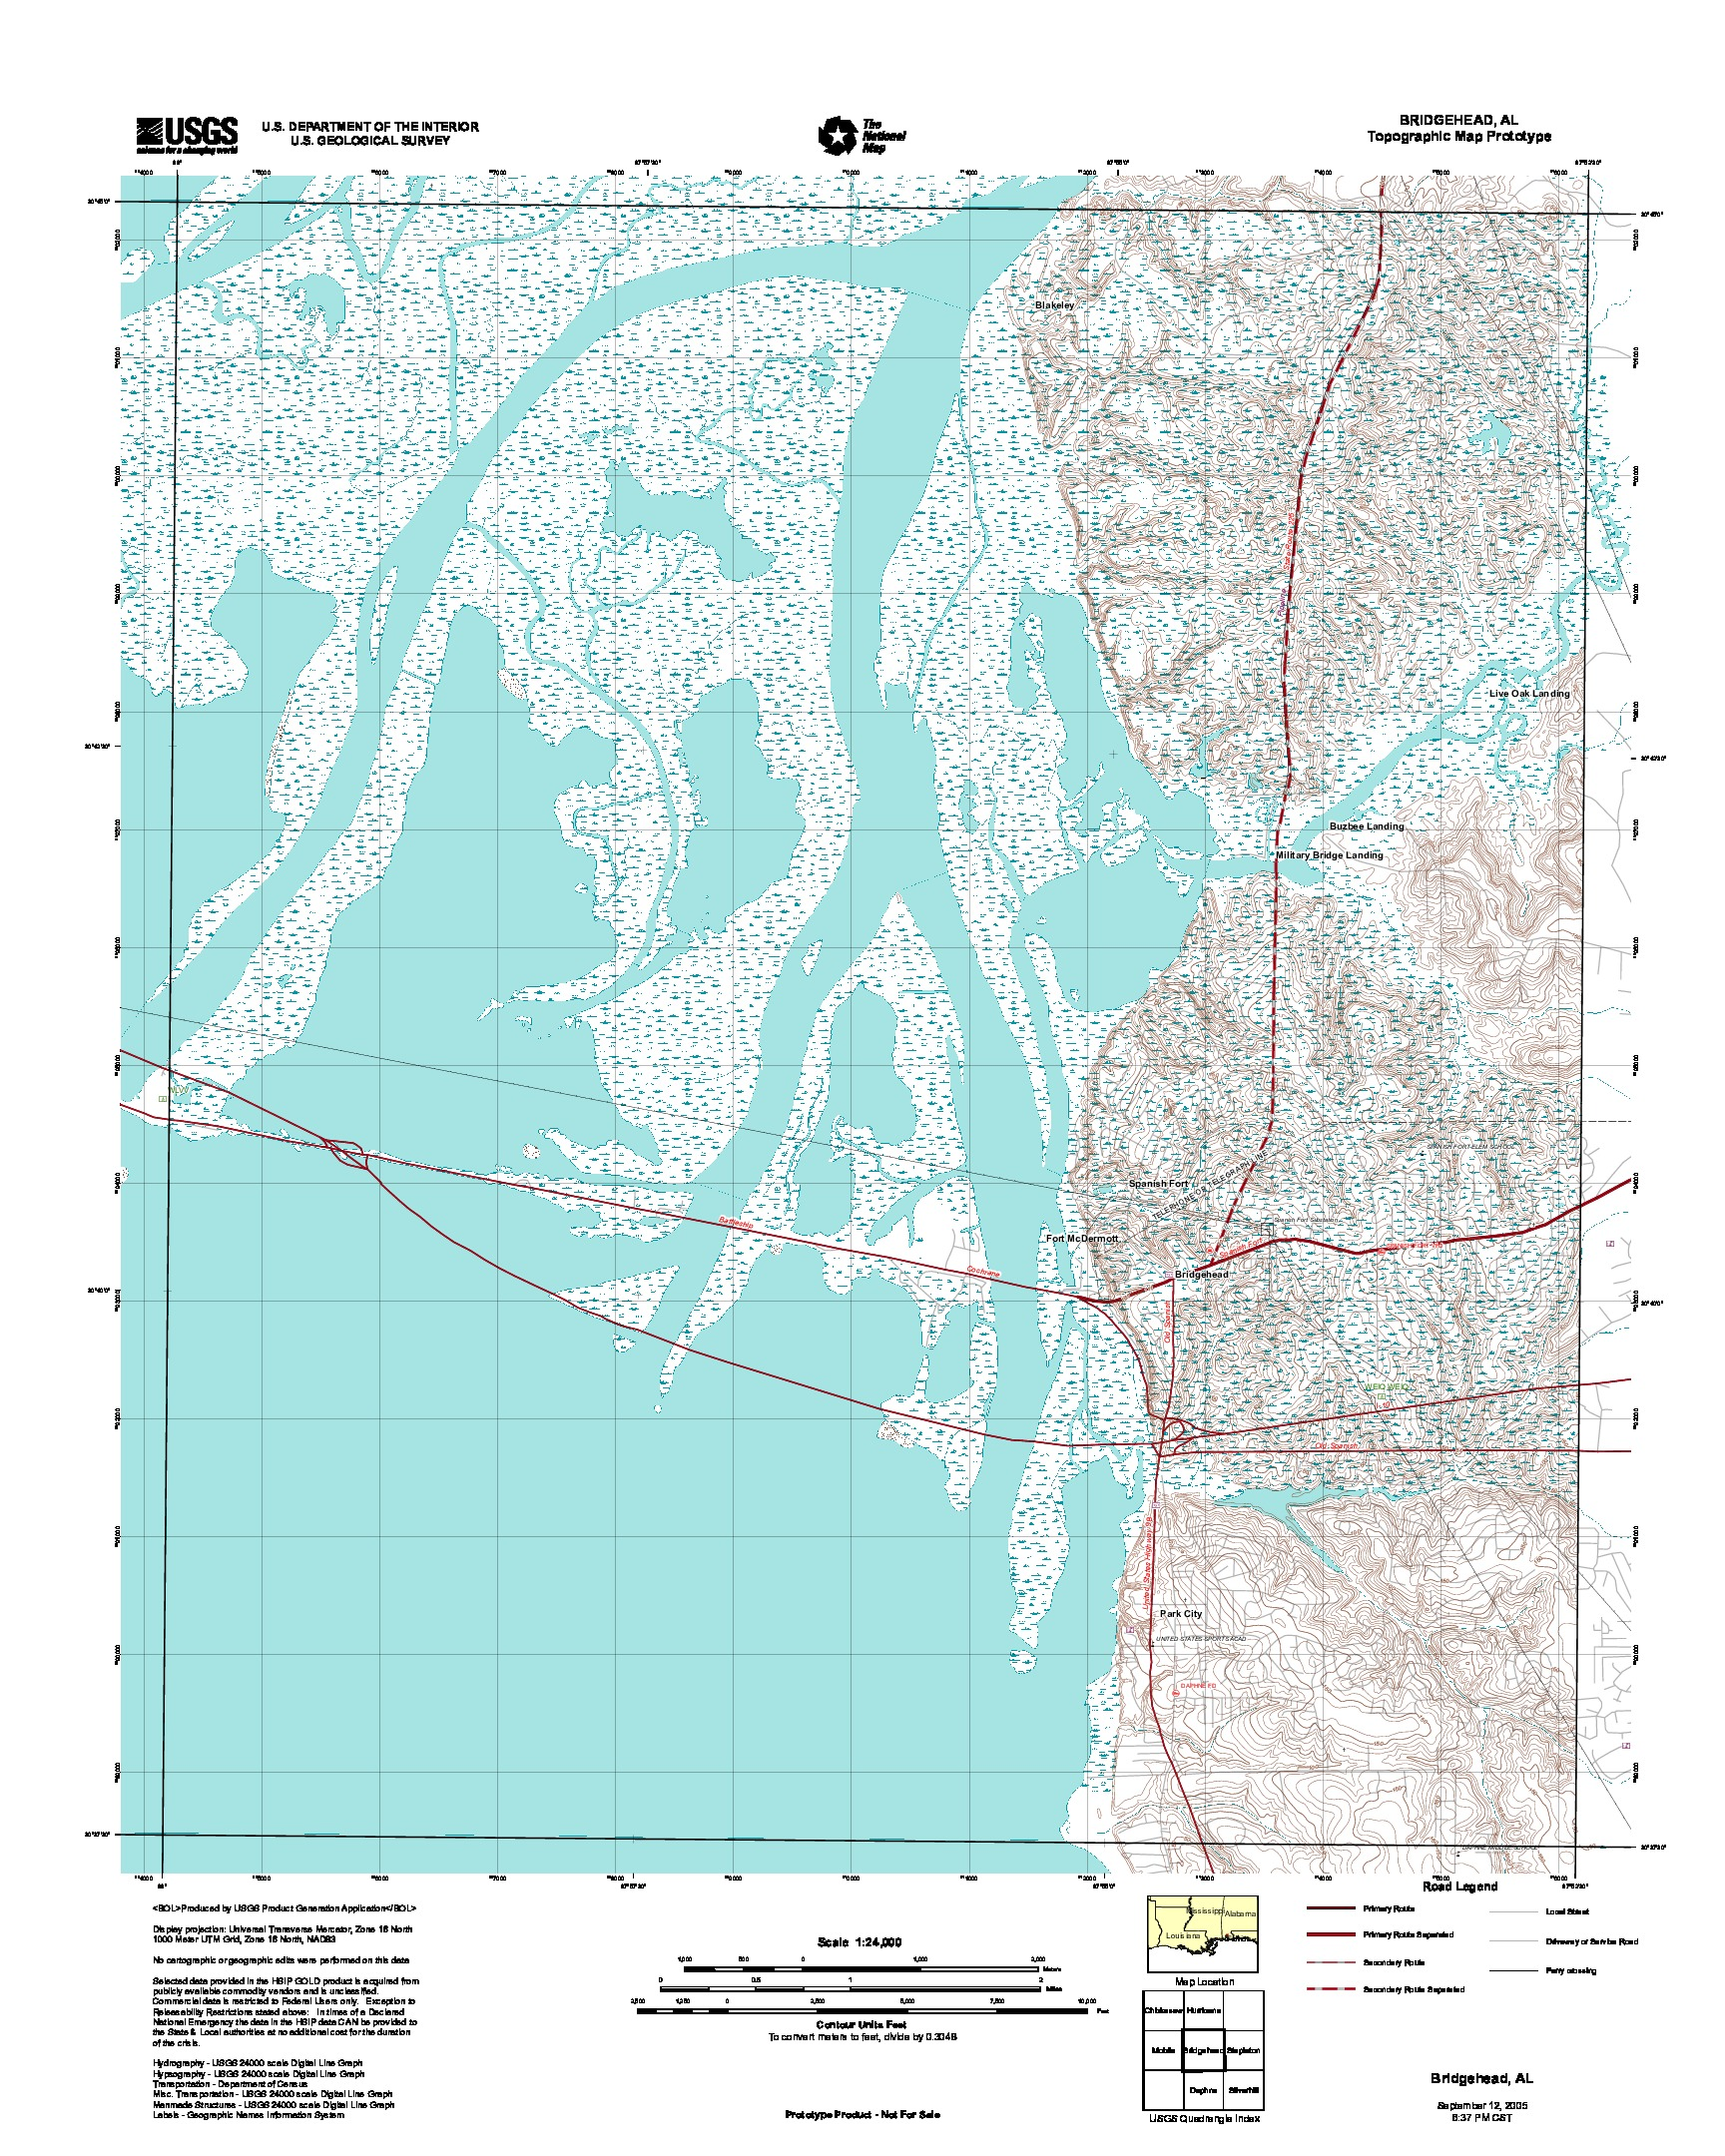 Prototipo de Mapa Topográfico de Bridgehead, Alabama, Estados Unidos, Septiembre 12, 2005